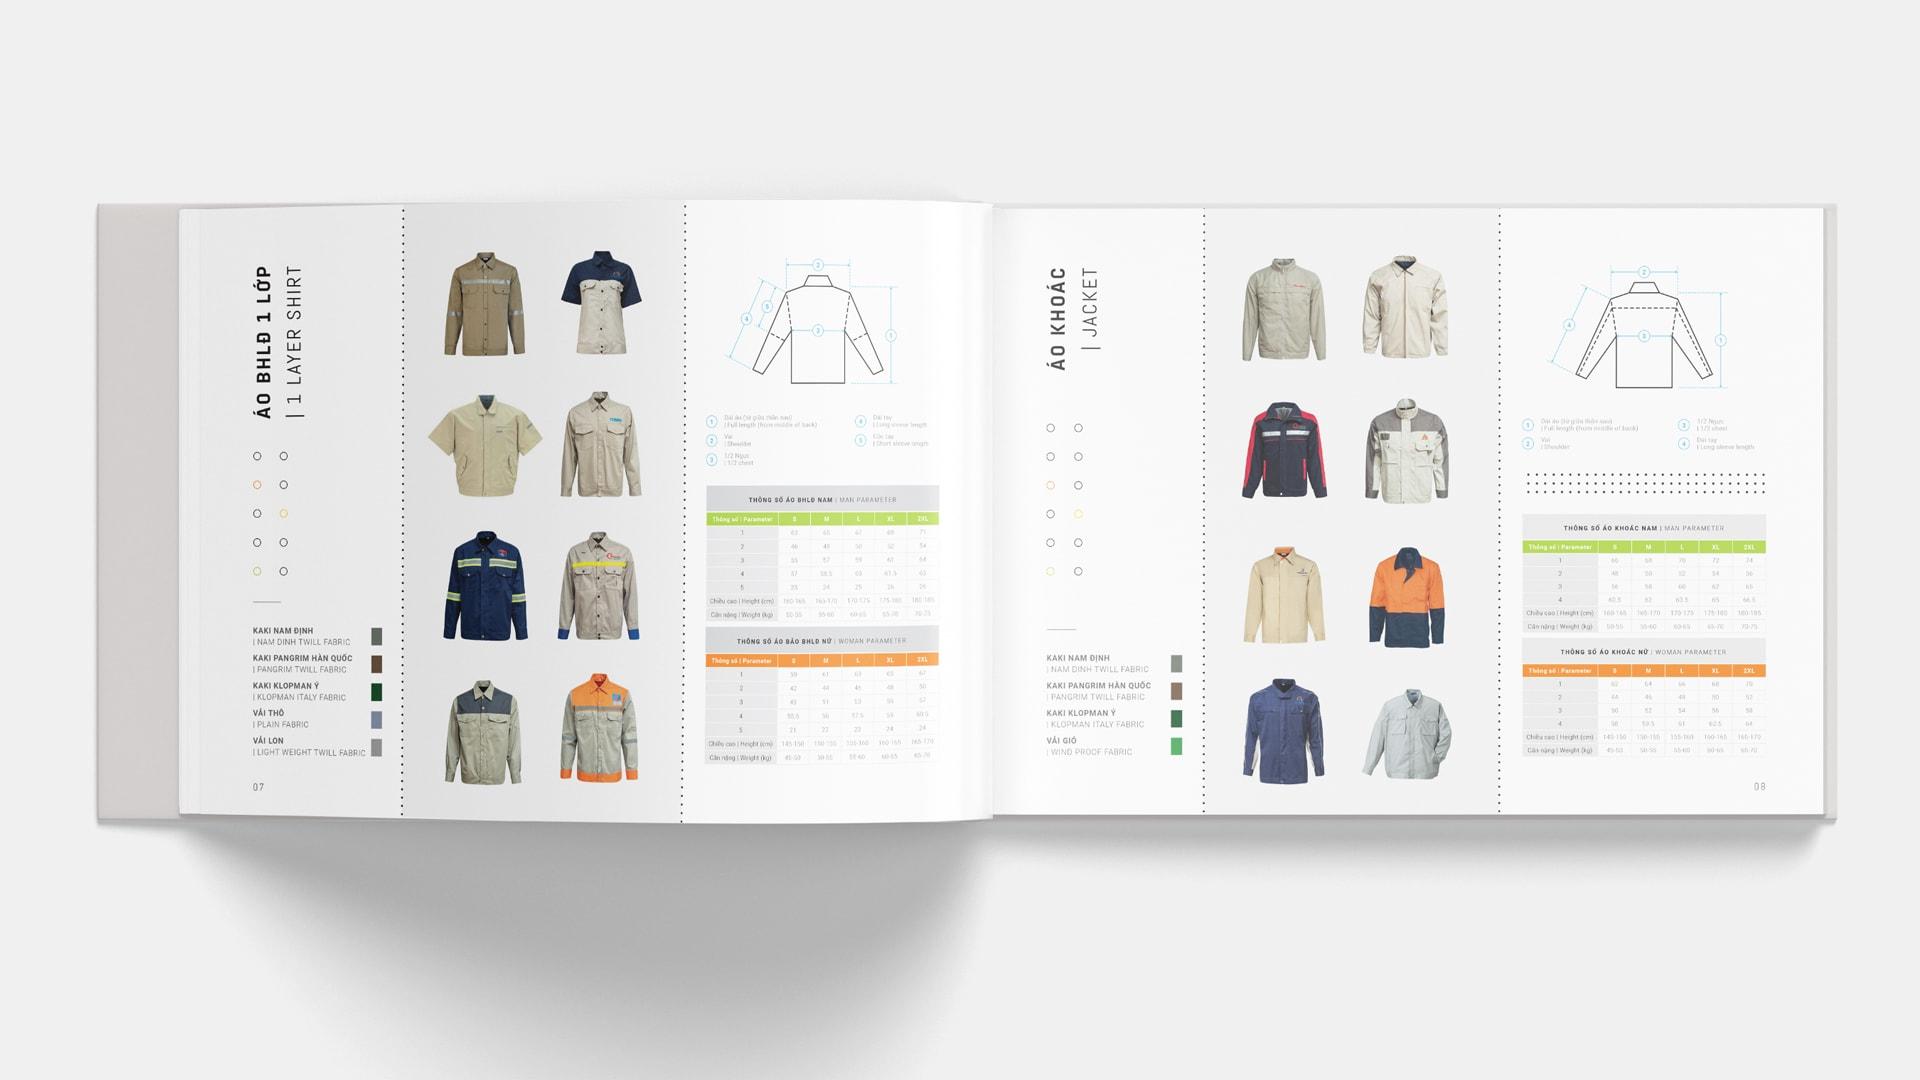 hình ảnh sản phẩm trong catalogue